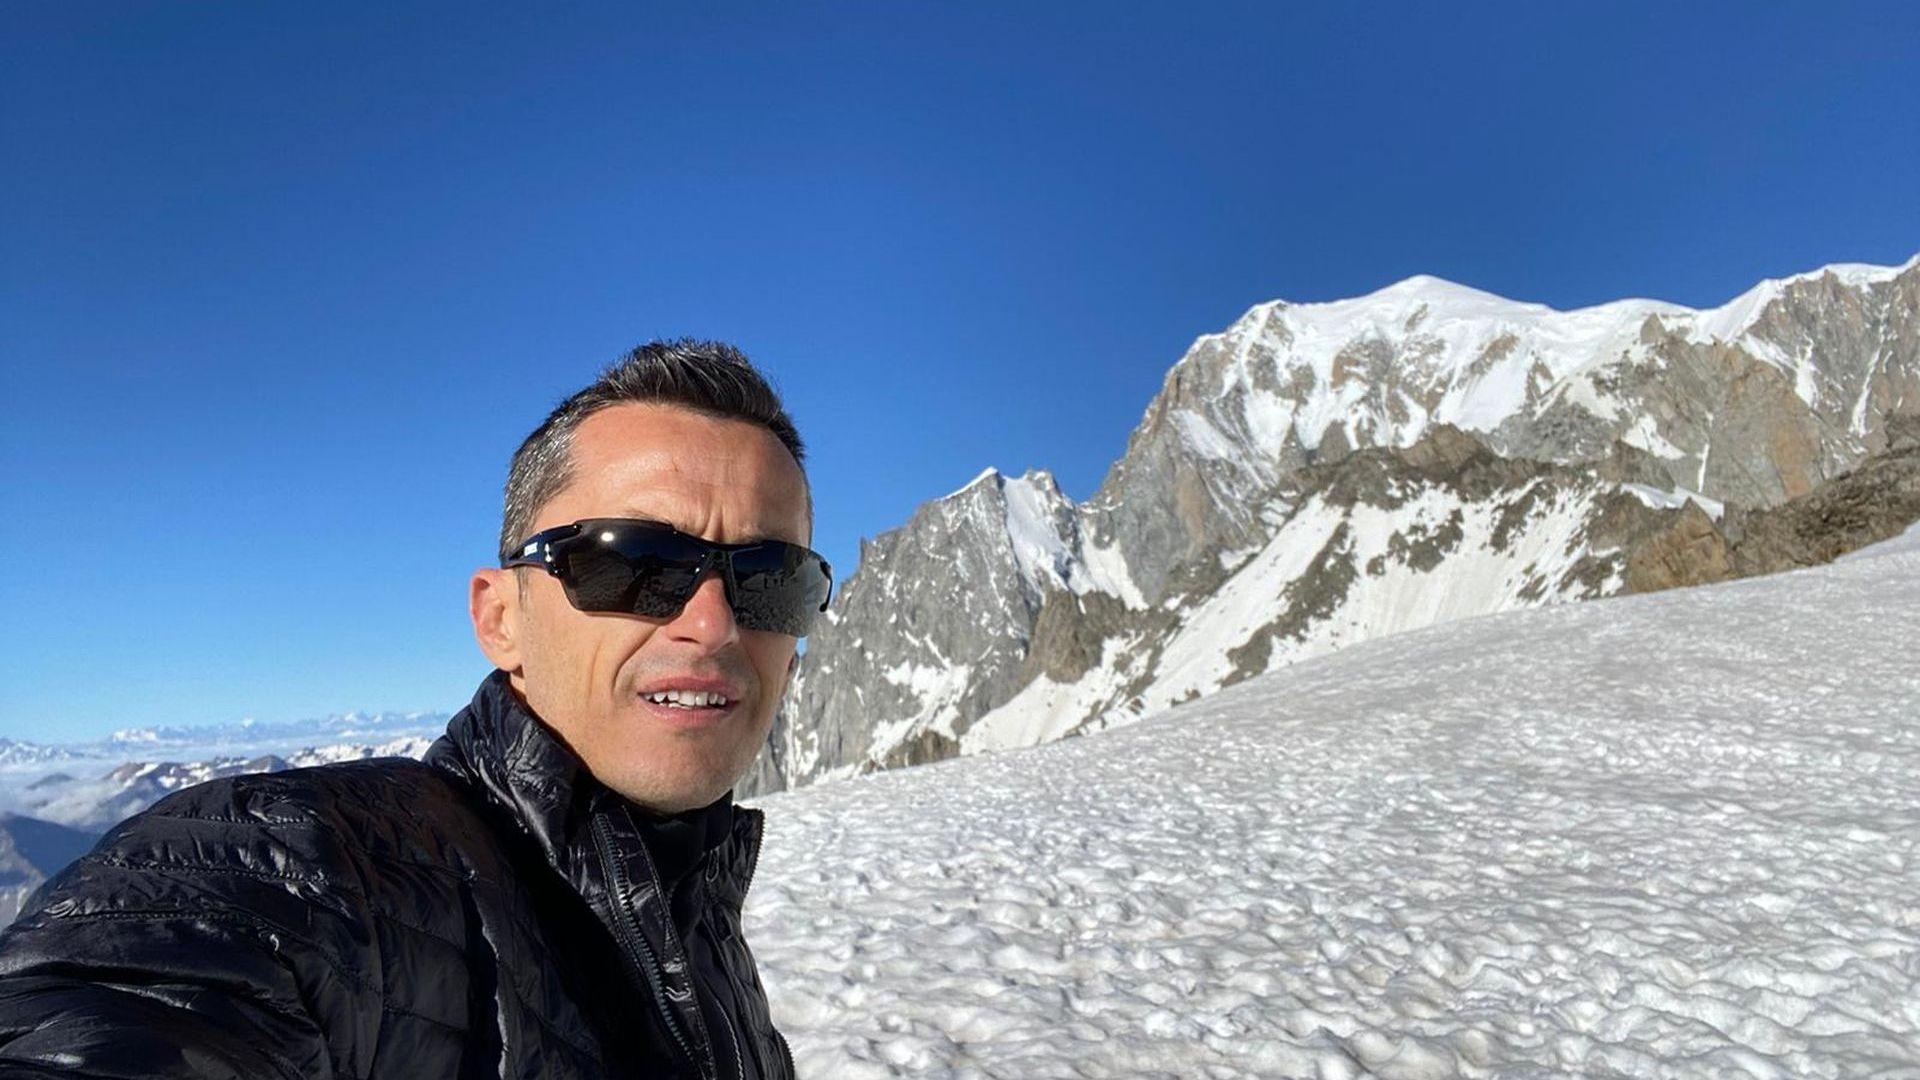 Христо Янев и шампион в ските атакуват днес Монблан